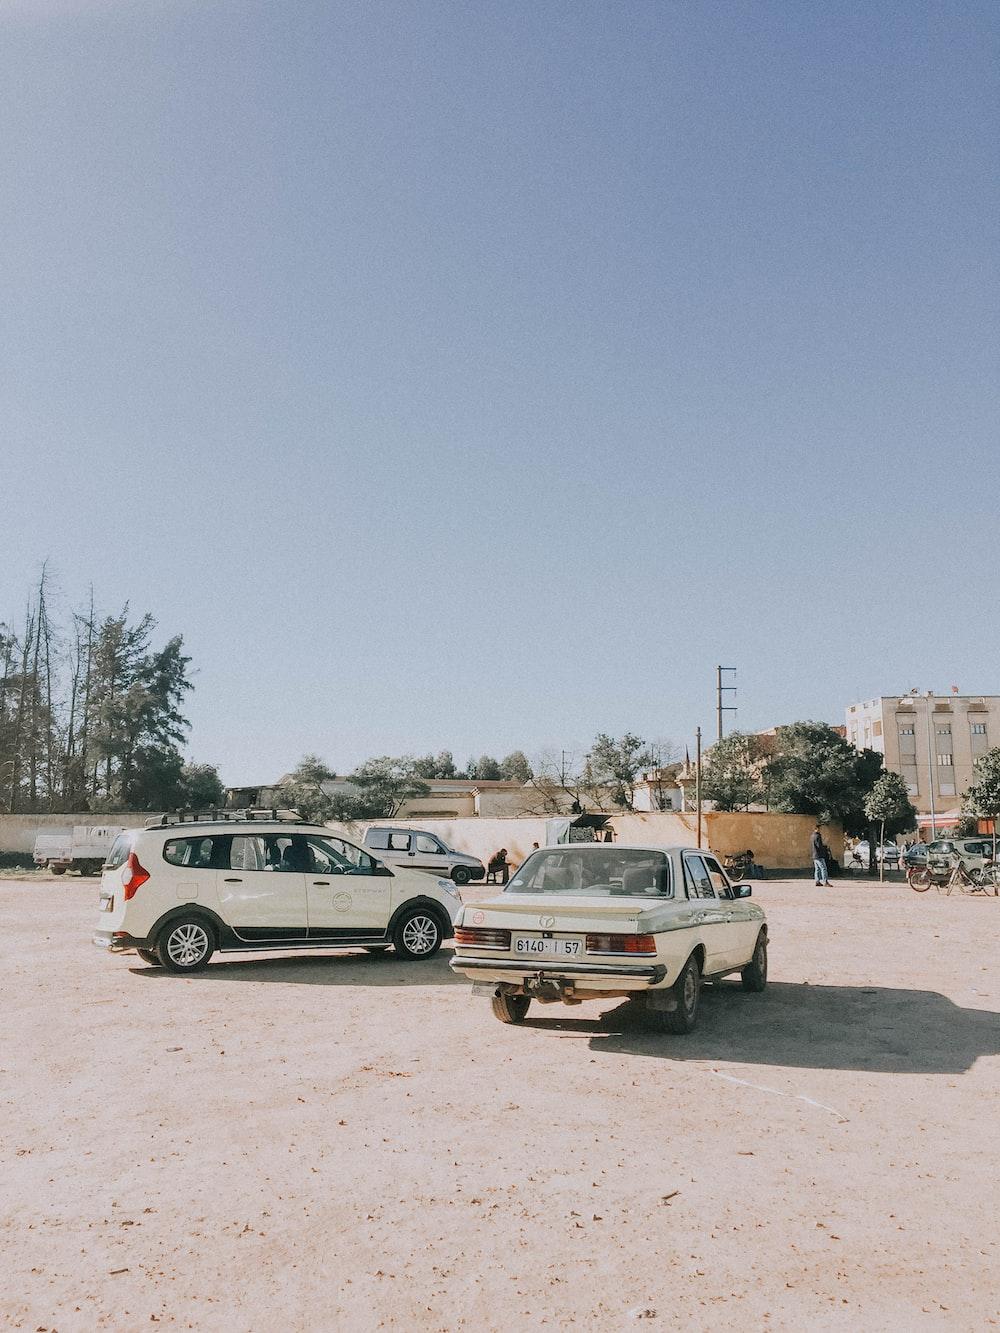 white sedan besides white 5-door hatchback